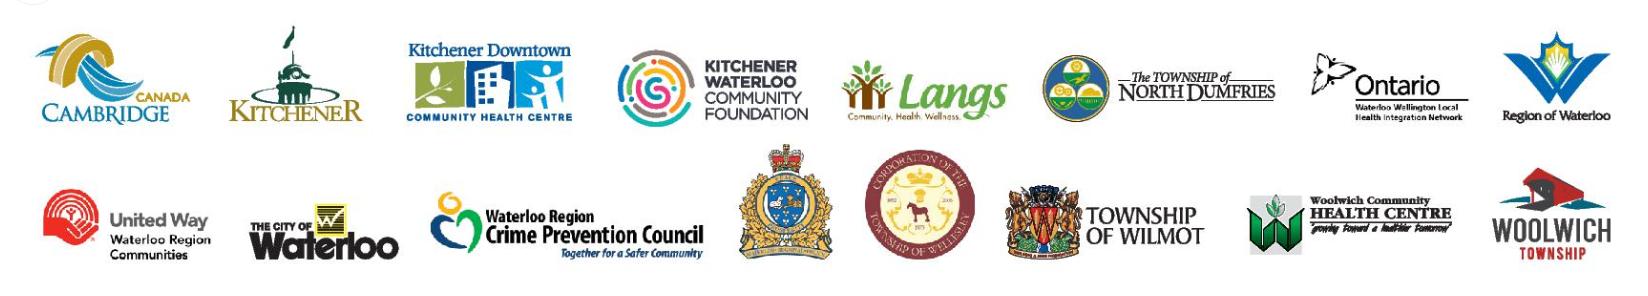 Waterloo Region survey partner logos